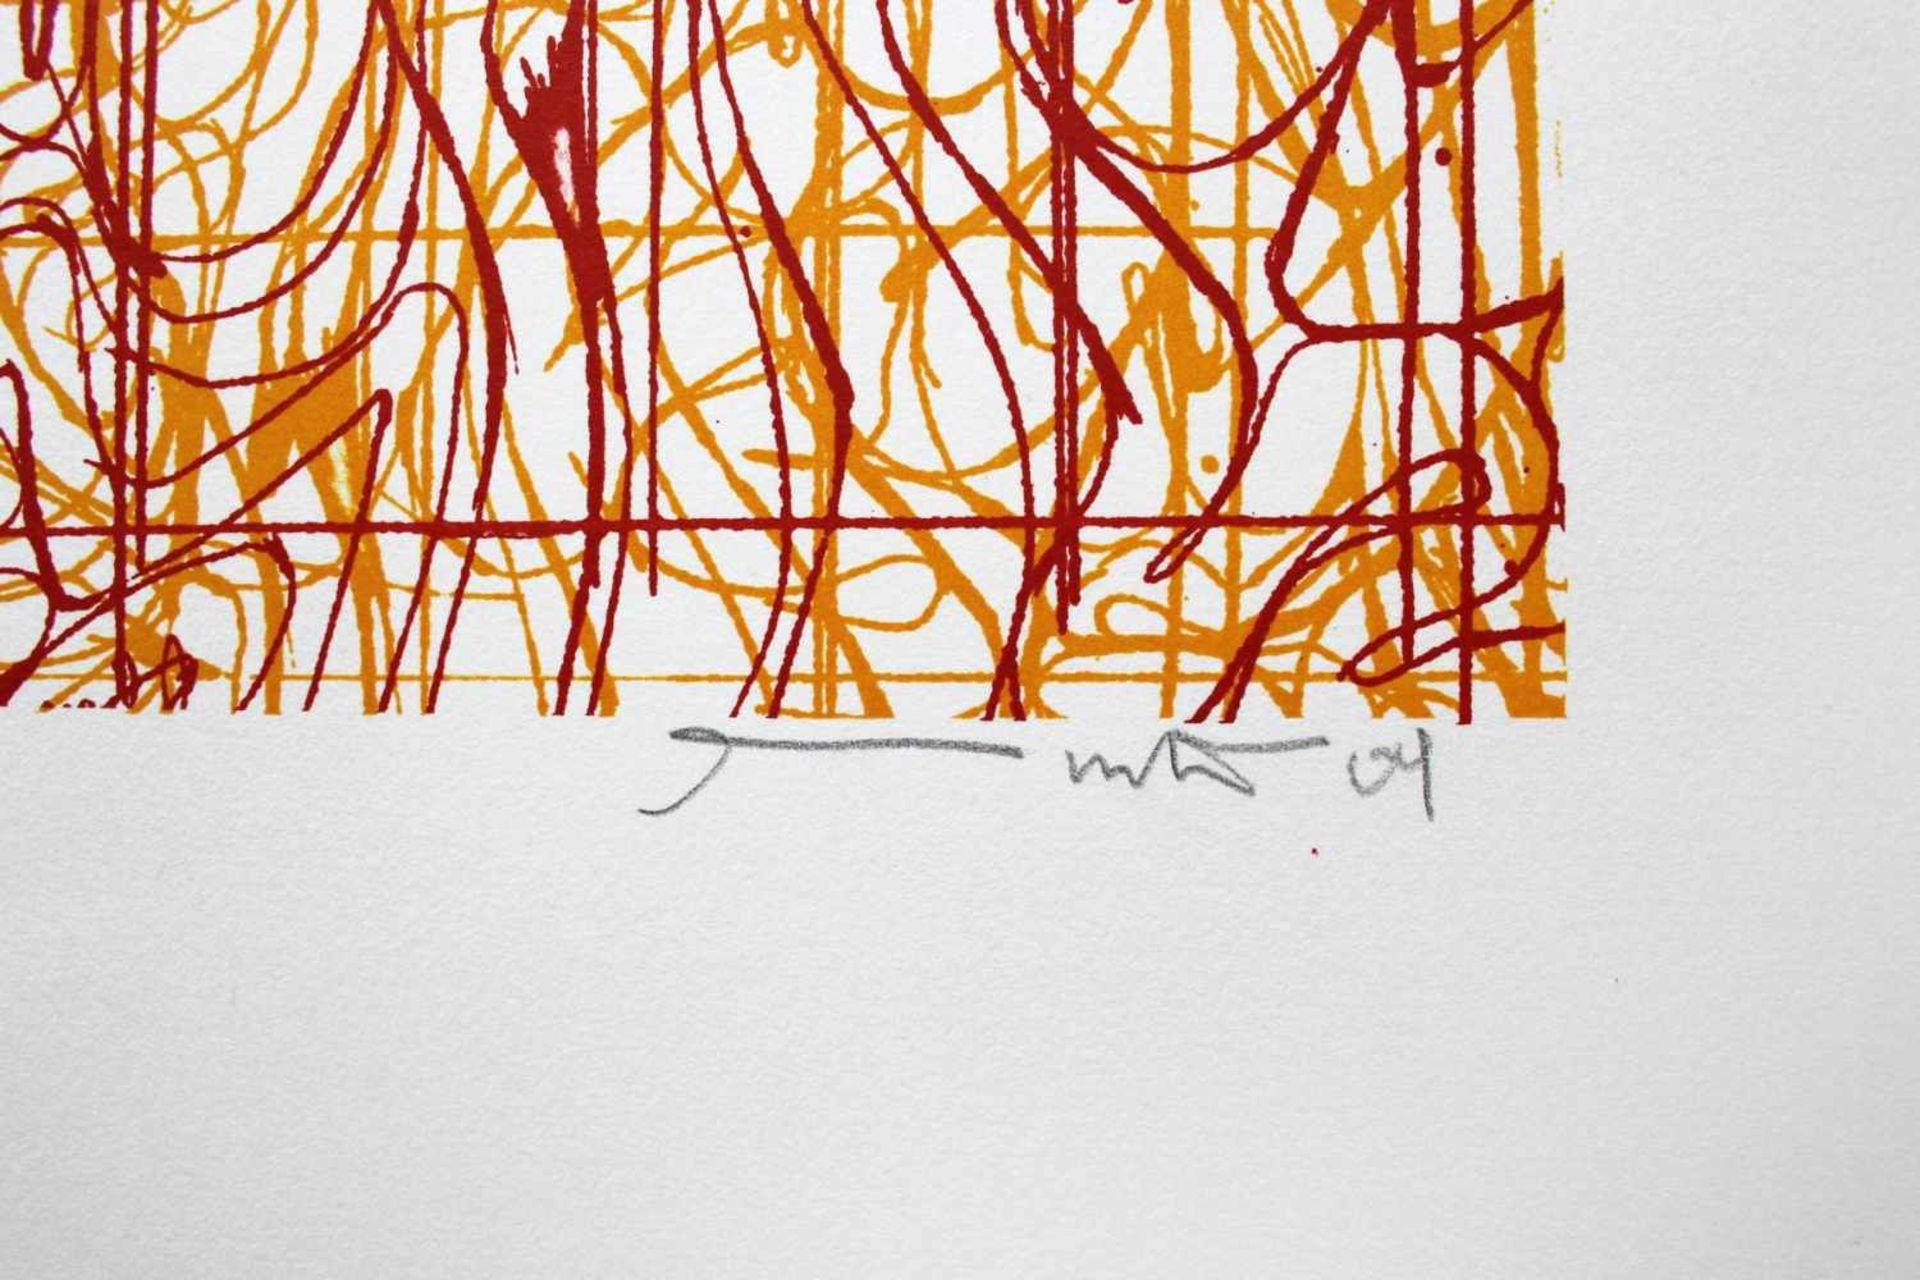 Hermann Nitsch geb. 1938 o.T. 2009 Farblithographie handsigniert und nummeriert 17/60 45 x 30 cm - Bild 2 aus 3